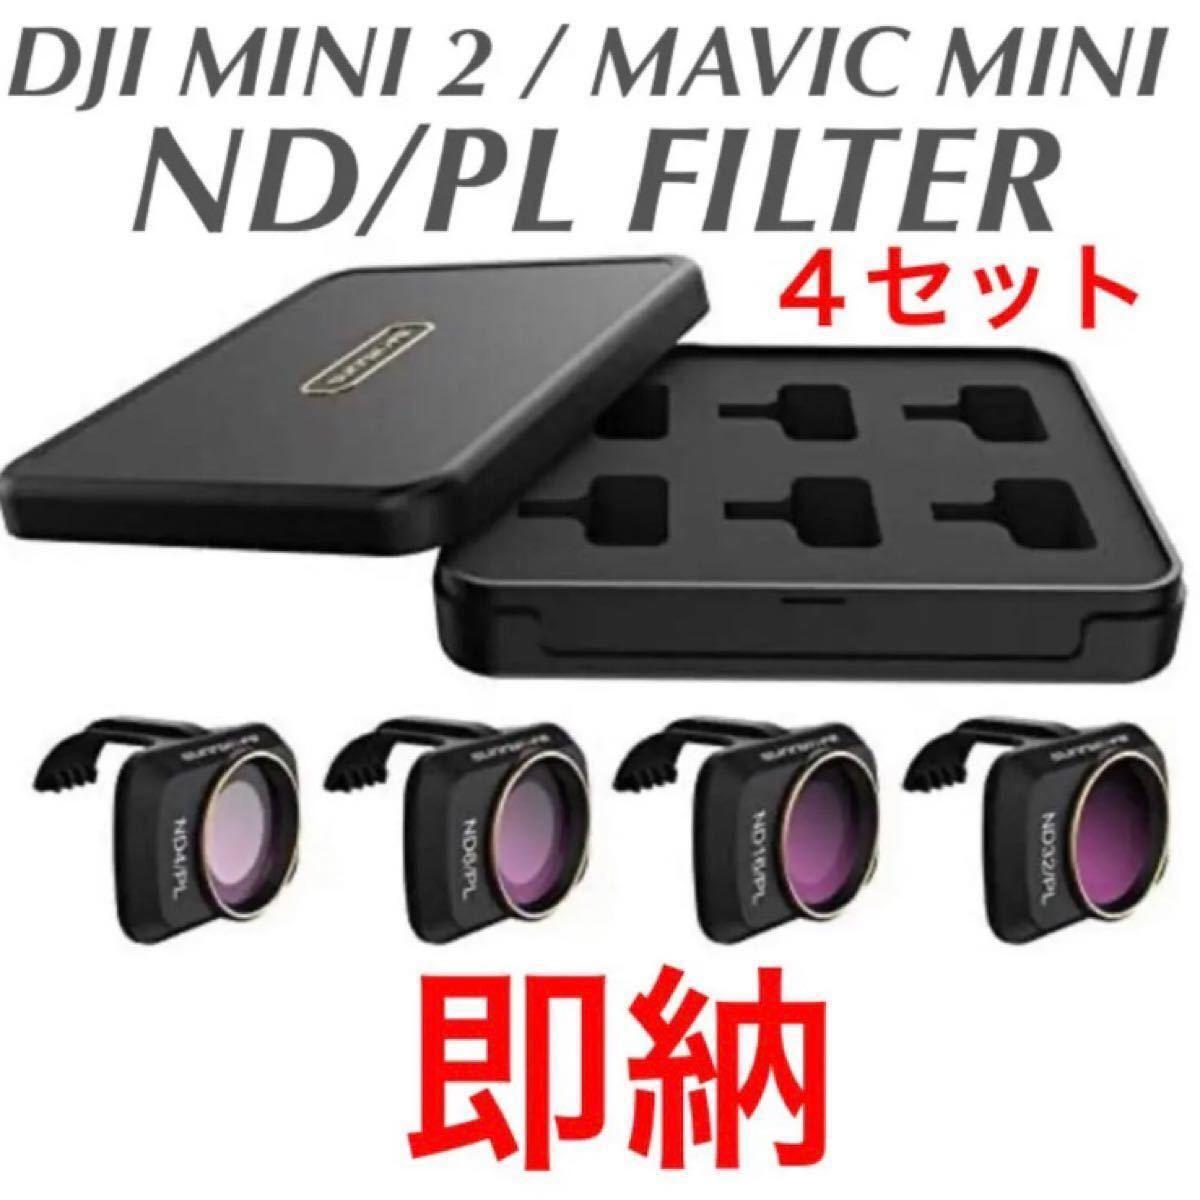 ●ラス1☆ND/PLフィルターセット★DJI MINI 2 ★MAVIC MINI ☆ケース付き